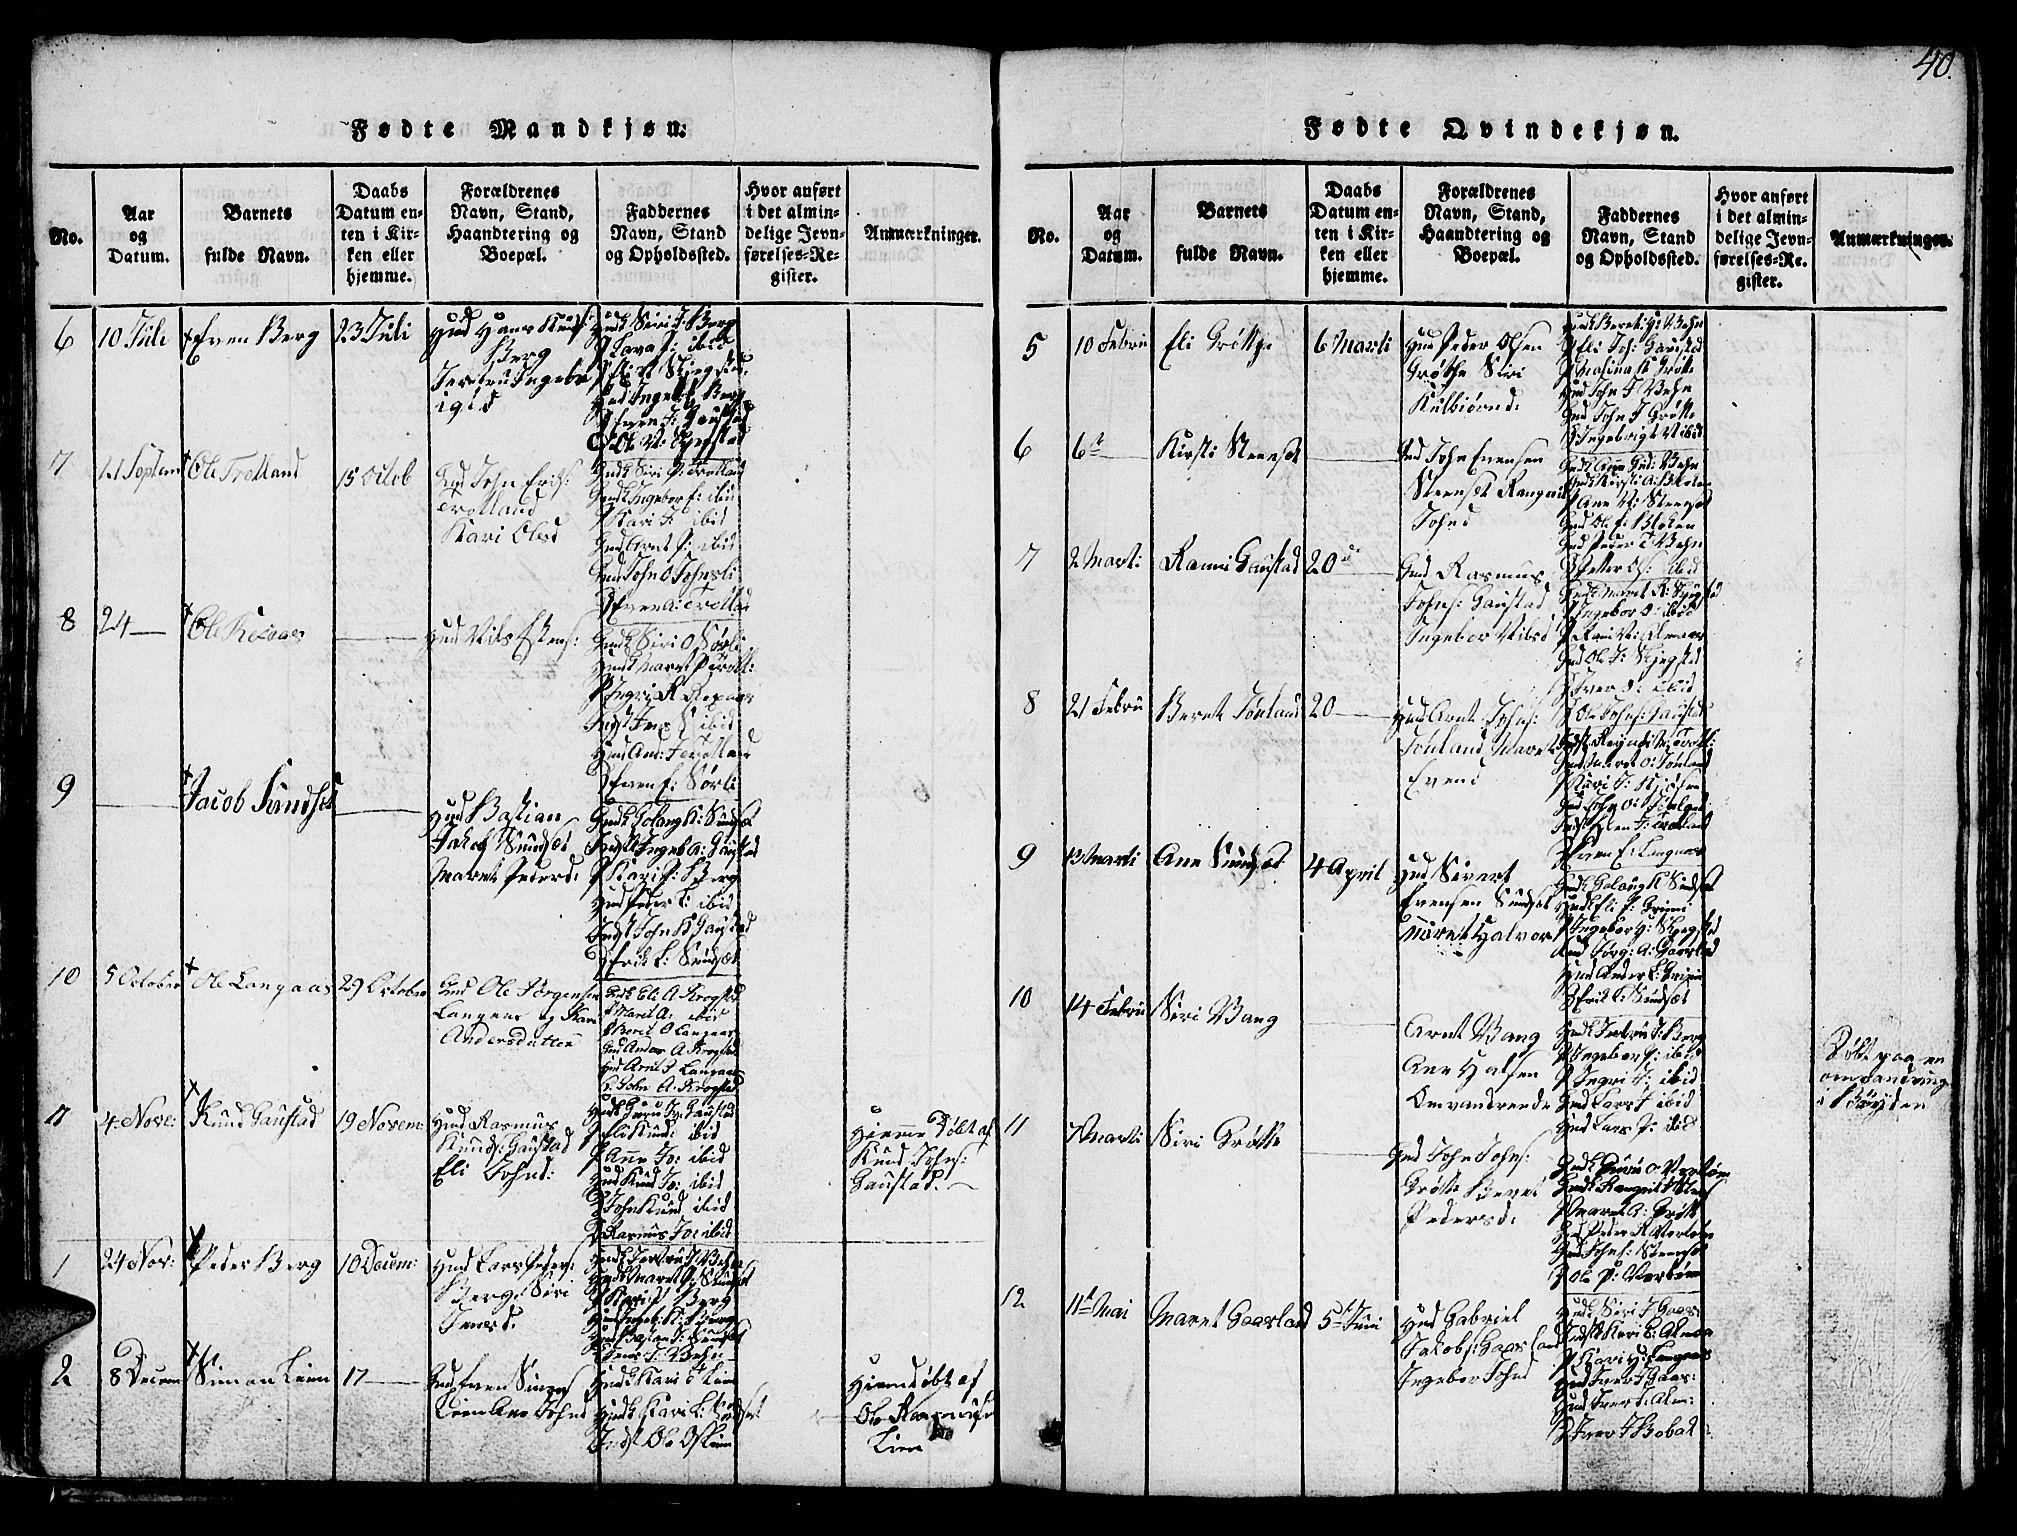 SAT, Ministerialprotokoller, klokkerbøker og fødselsregistre - Sør-Trøndelag, 694/L1130: Klokkerbok nr. 694C02, 1816-1857, s. 40